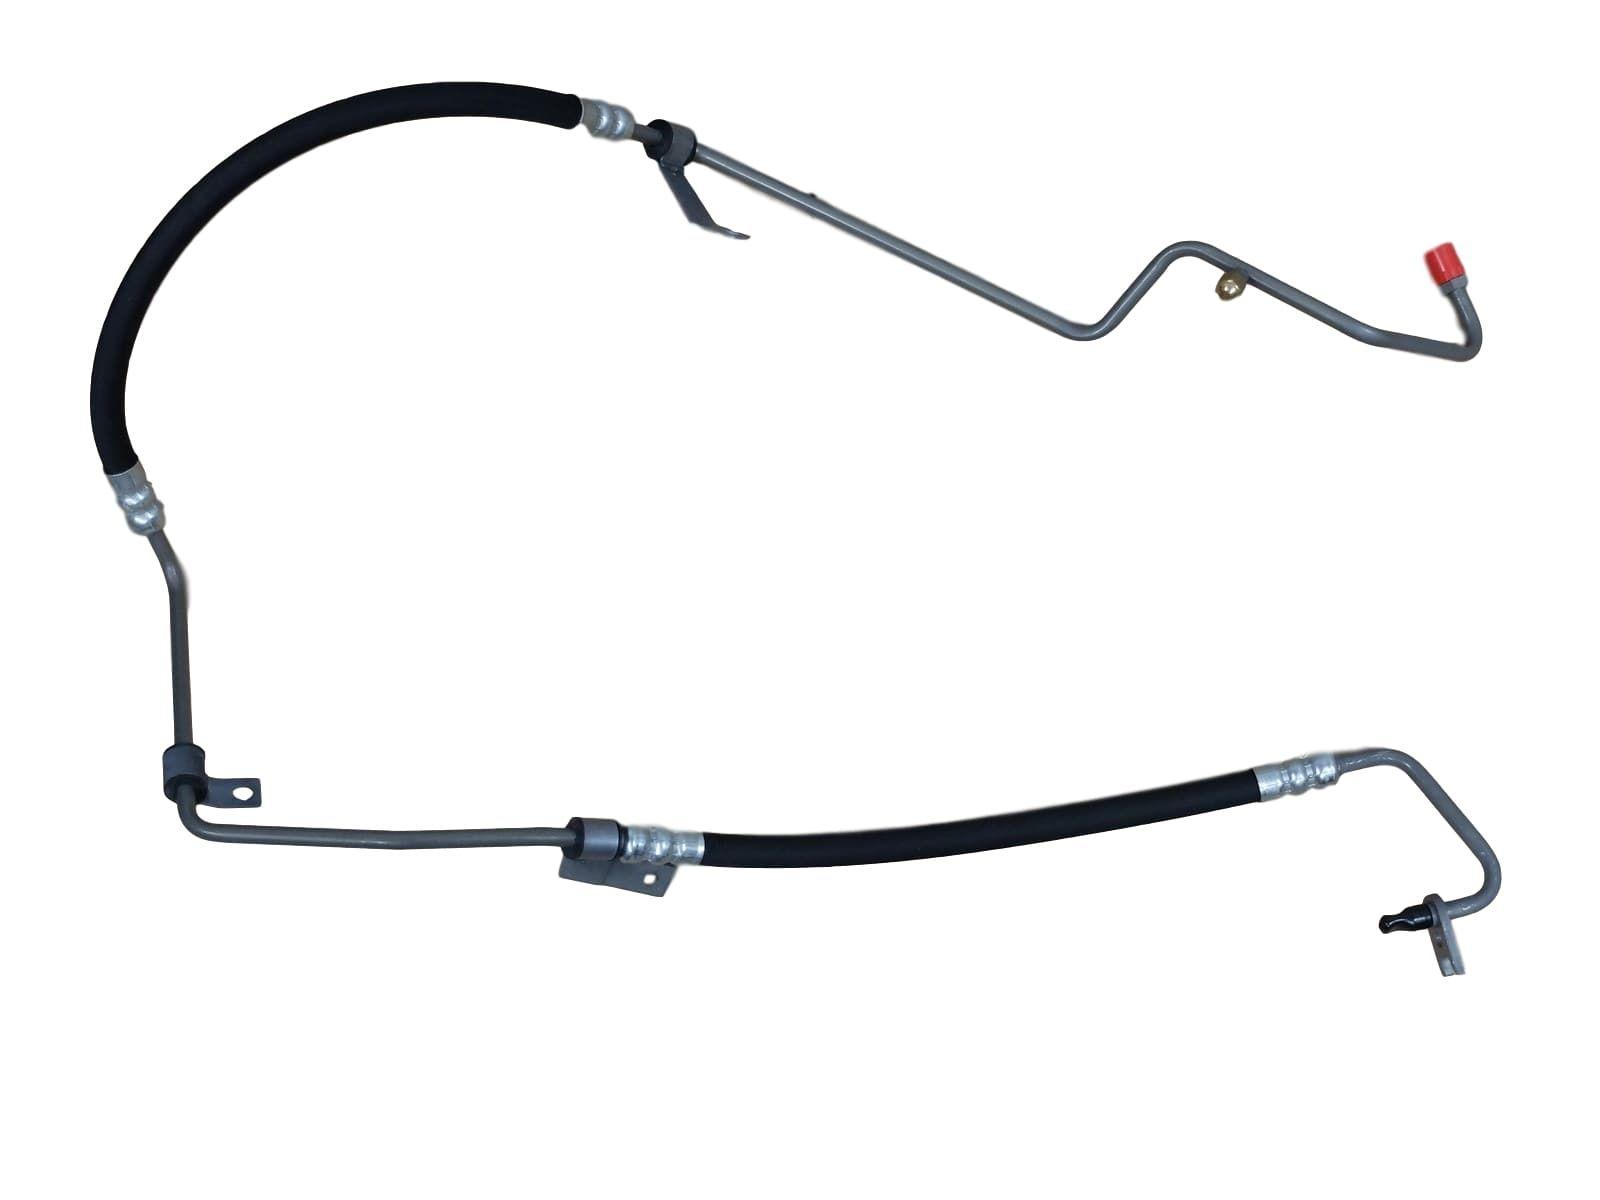 кабель гидроусилителя renault trafic ii 8200762590